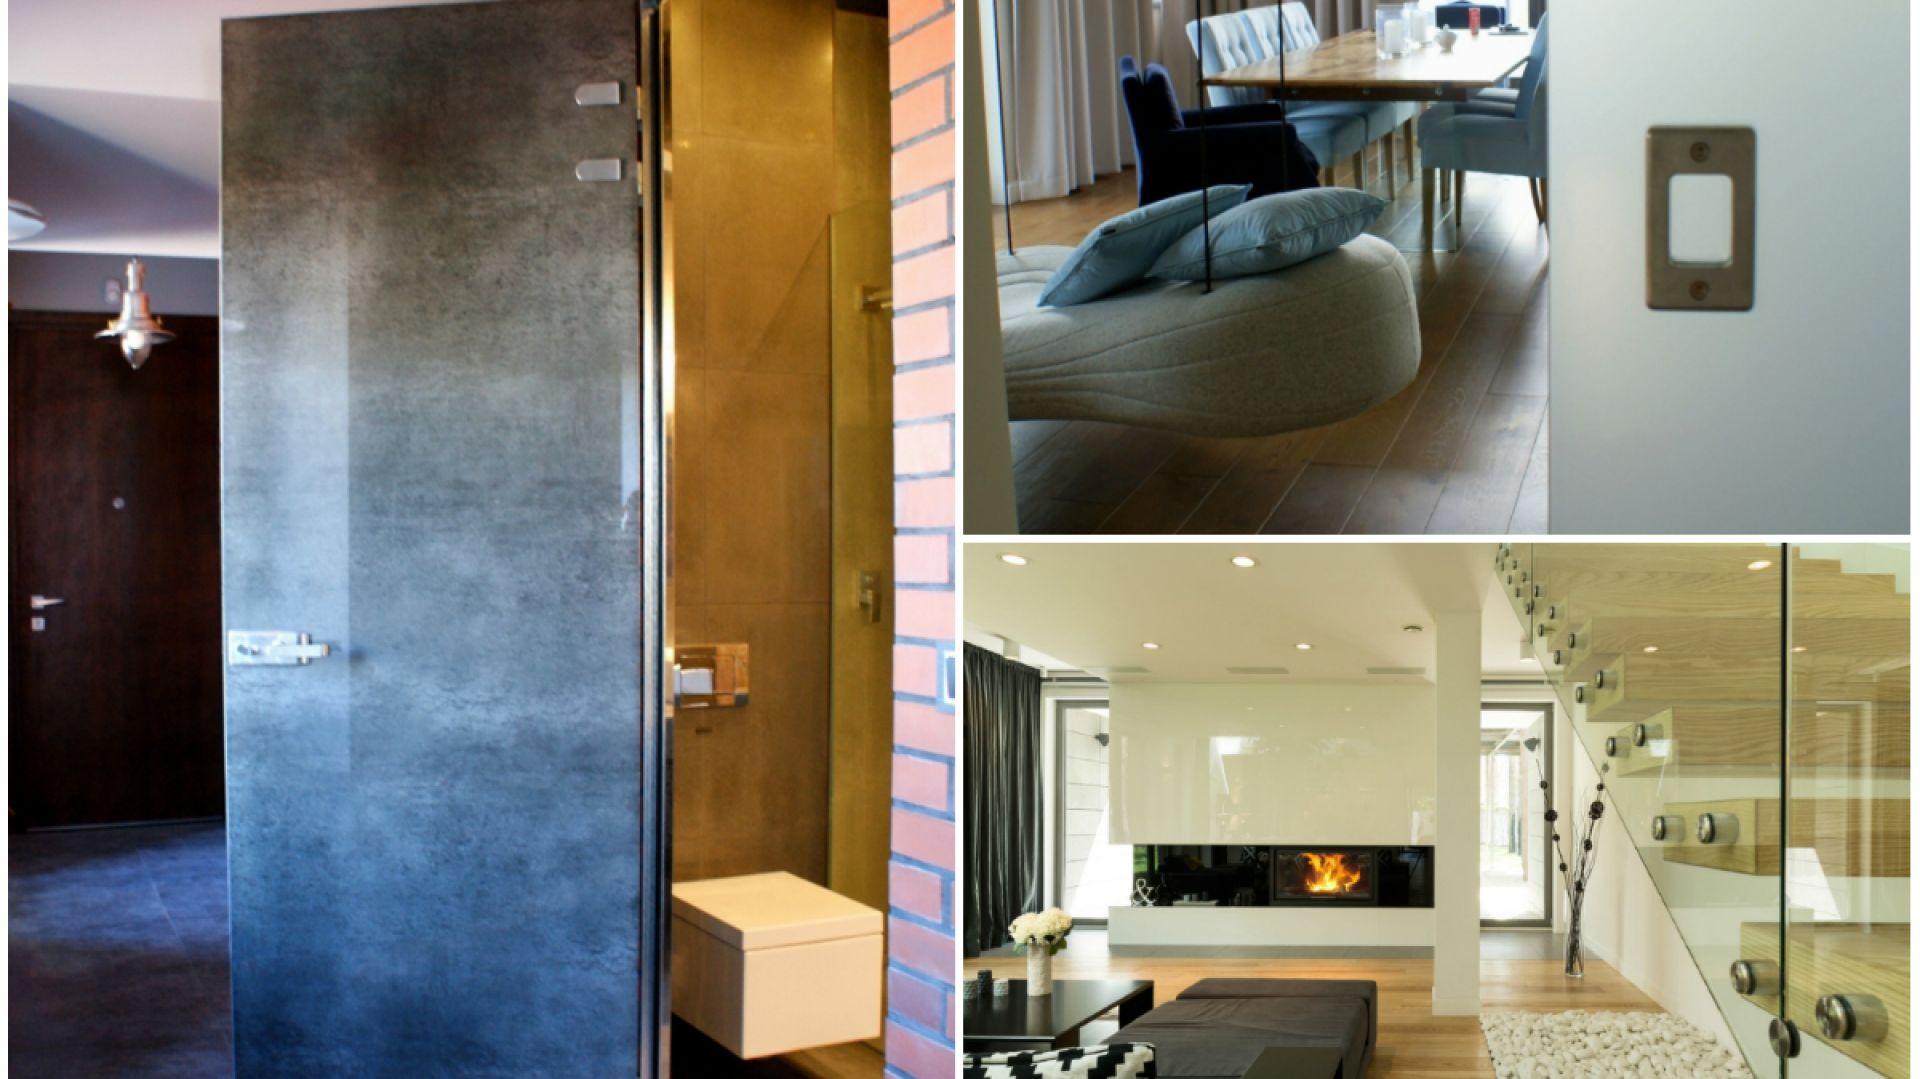 Urządzając mieszkanie lub dom w klimacie loftu, warto pamiętać, że surowy styl wiąże się również z pewną niedoskonałością. Dlatego zarówno stare komody, odrestaurowane regały, jak i zarysowane ściany nie są problemem, lecz atutem. Fot. CDA Polska